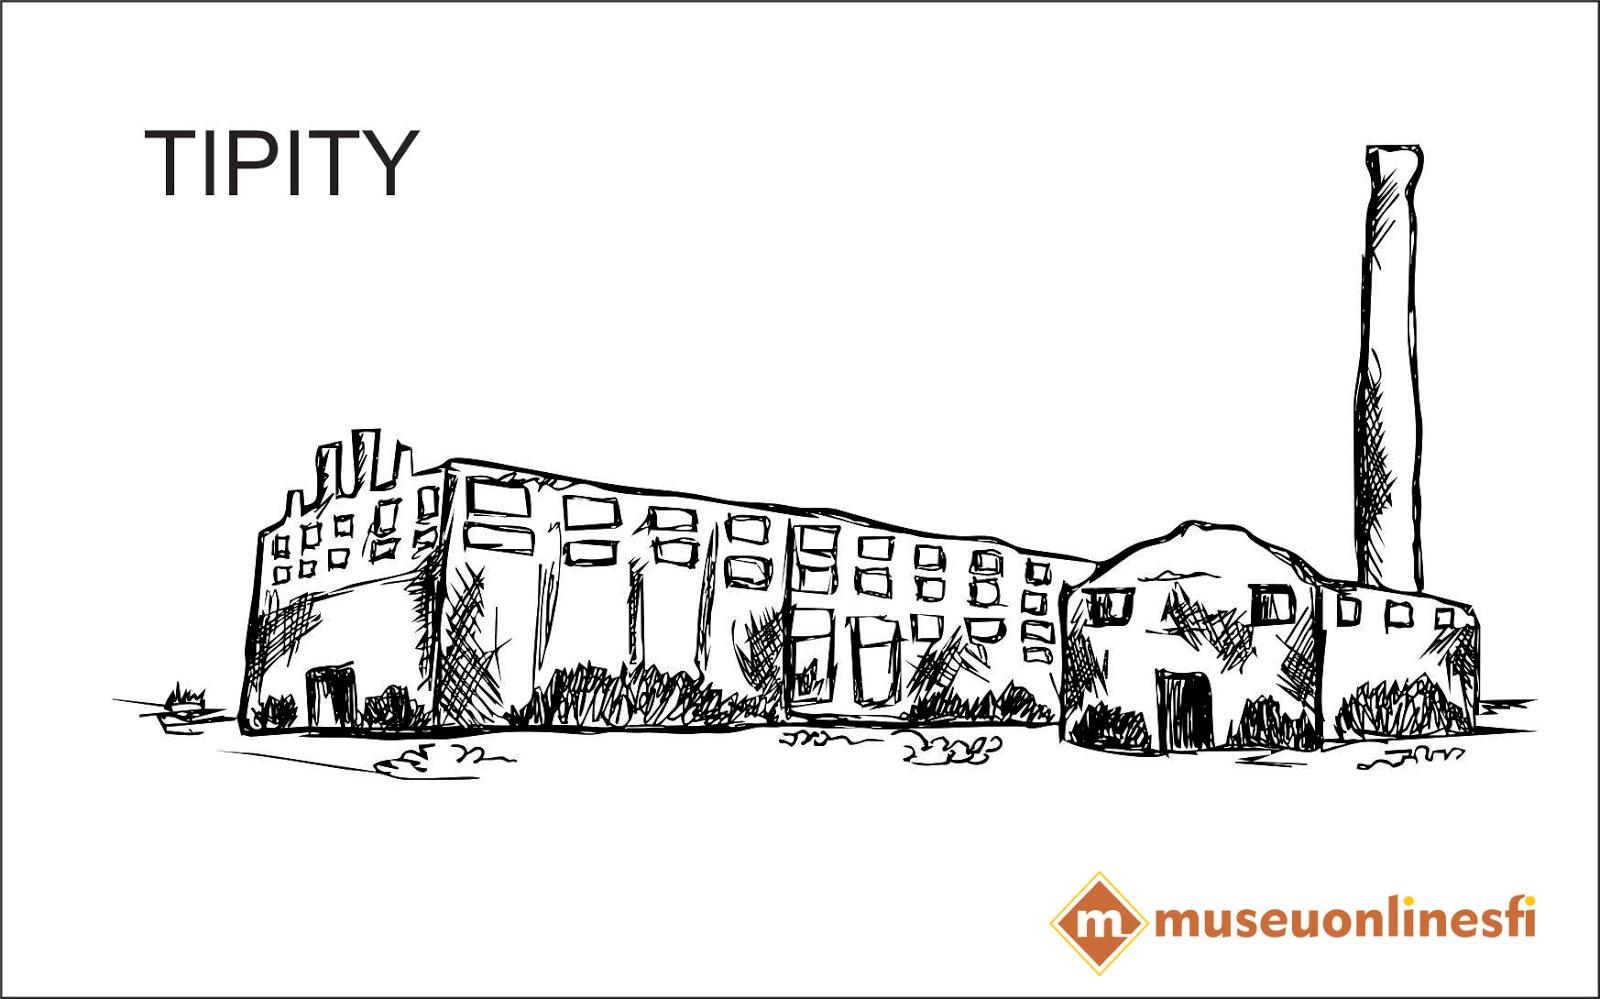 Loja Virtual Museuonlinesfi Para Colorir Desenho Da Fabrica Tipity